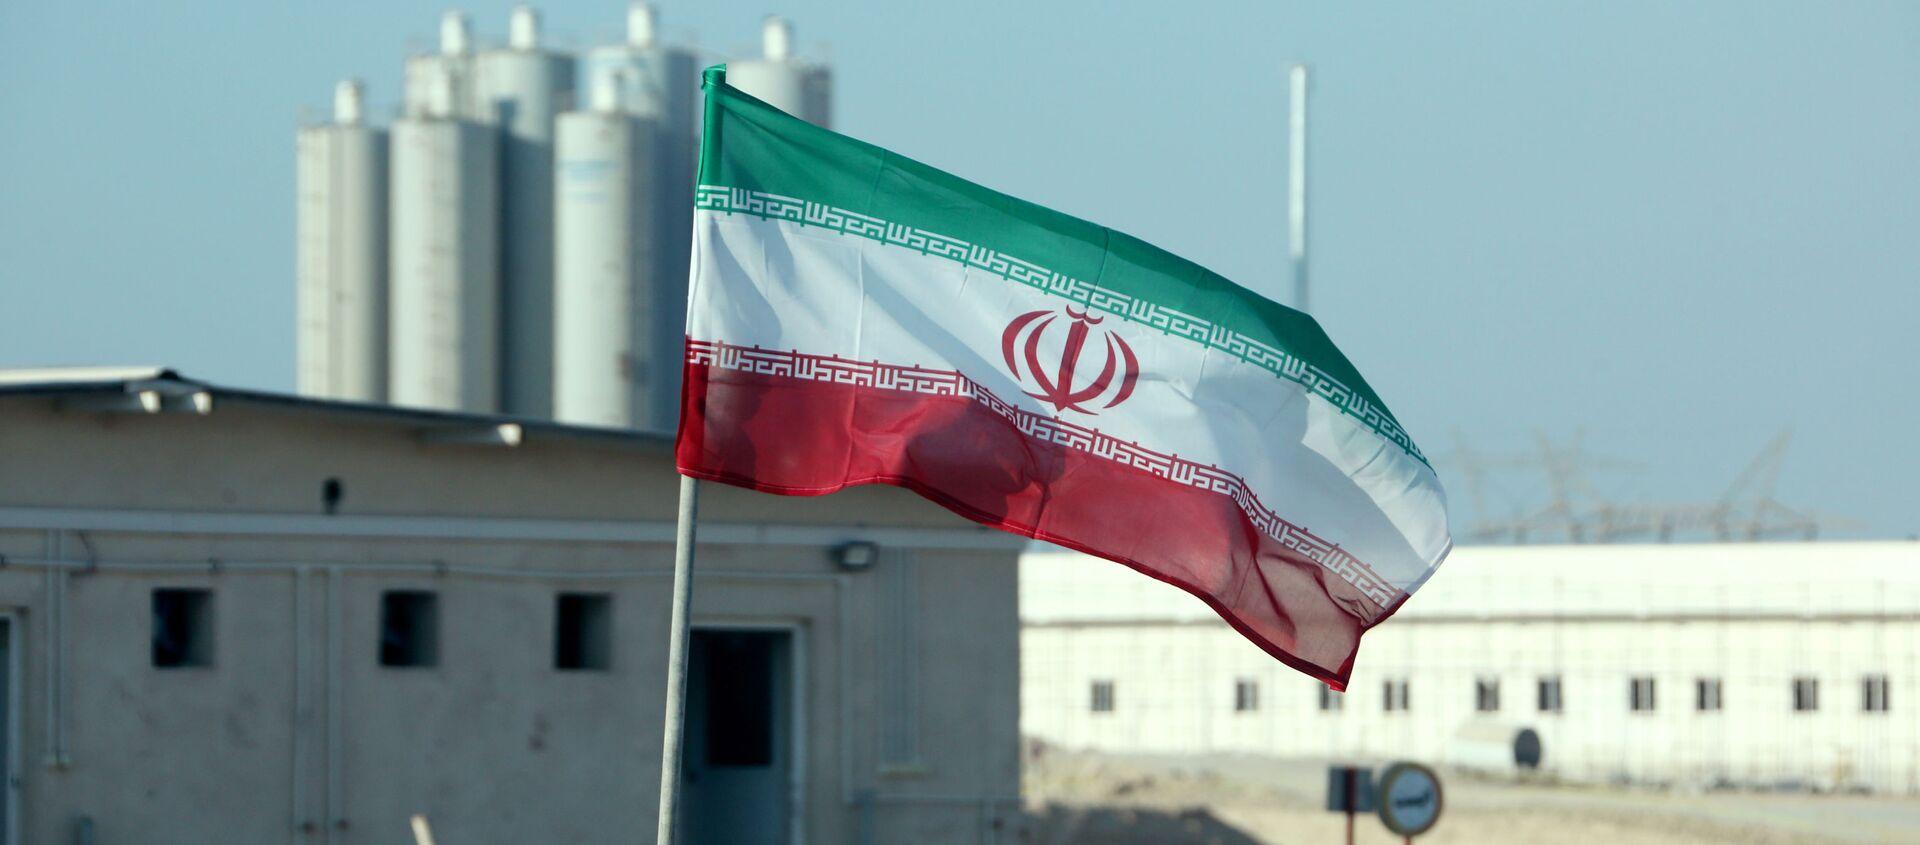 Иранский флаг на атомной электростанции в Бушере во время официальной церемонии запуска второго реактора - Sputnik Азербайджан, 1920, 19.02.2021